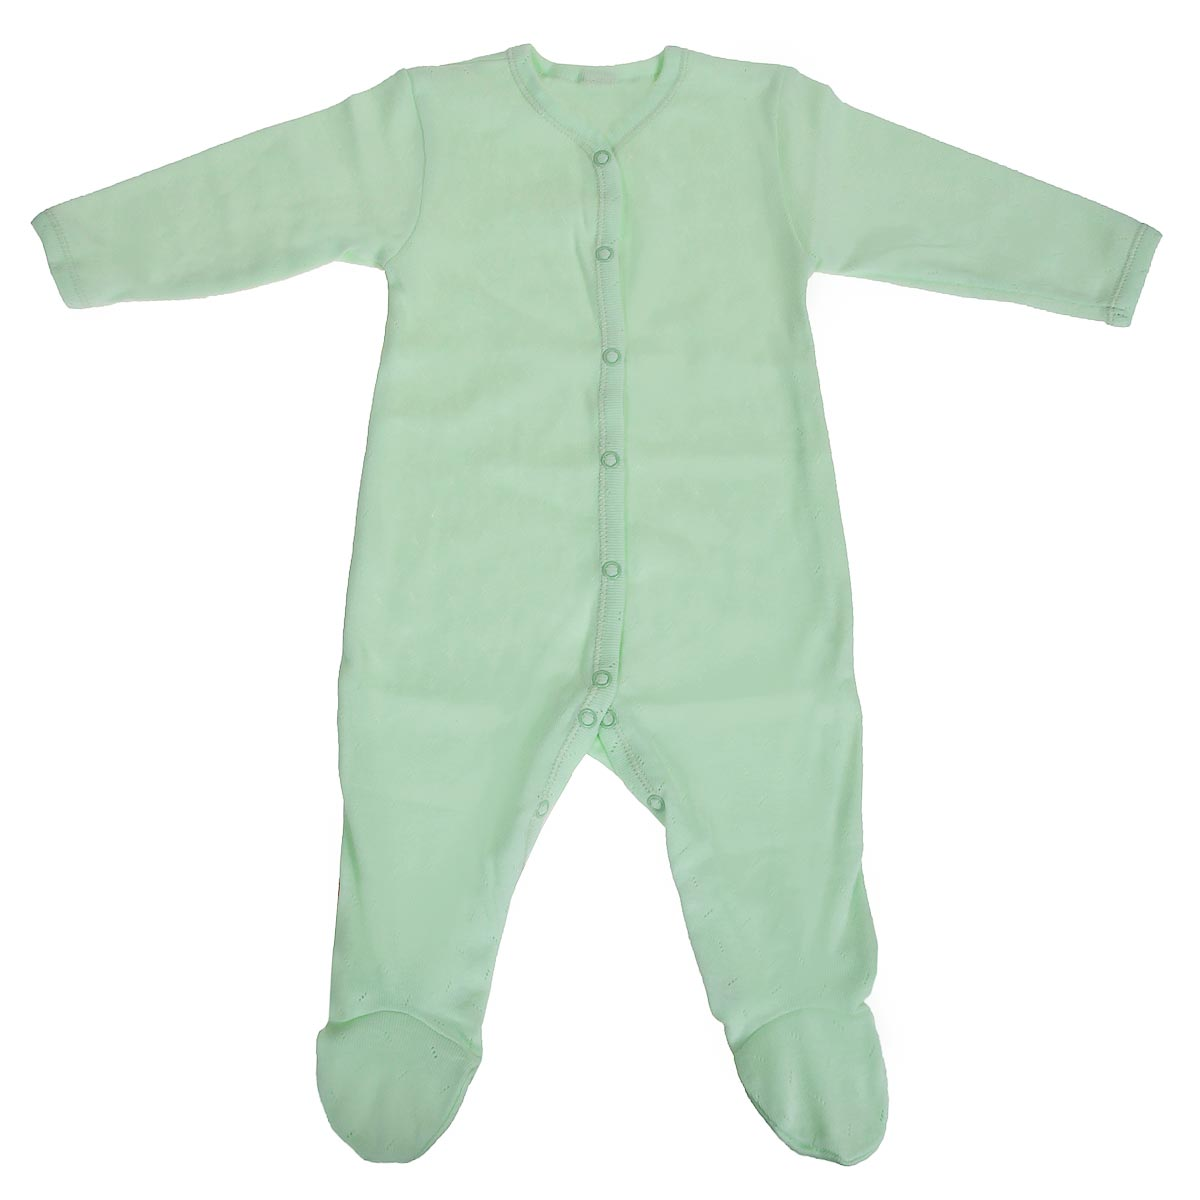 Комбинезон детский Lucky Child Ажур, цвет: зеленый. 0-12. Размер 56/620-12Детский комбинезон Lucky Child - очень удобный и практичный вид одежды для малышей. Комбинезон выполнен из натурального хлопка, благодаря чему он необычайно мягкий и приятный на ощупь, не раздражают нежную кожу ребенка и хорошо вентилируются, а эластичные швы приятны телу малыша и не препятствуют его движениям. Комбинезон с длинными рукавами и закрытыми ножками имеет застежки-кнопки от горловины до щиколоток, которые помогают легко переодеть младенца или сменить подгузник.Модель выполнена из ткани с ажурным узором. С детским комбинезоном Lucky Child спинка и ножки вашего малыша всегда будут в тепле, он идеален для использования днем и незаменим ночью. Комбинезон полностью соответствует особенностям жизни младенца в ранний период, не стесняя и не ограничивая его в движениях!